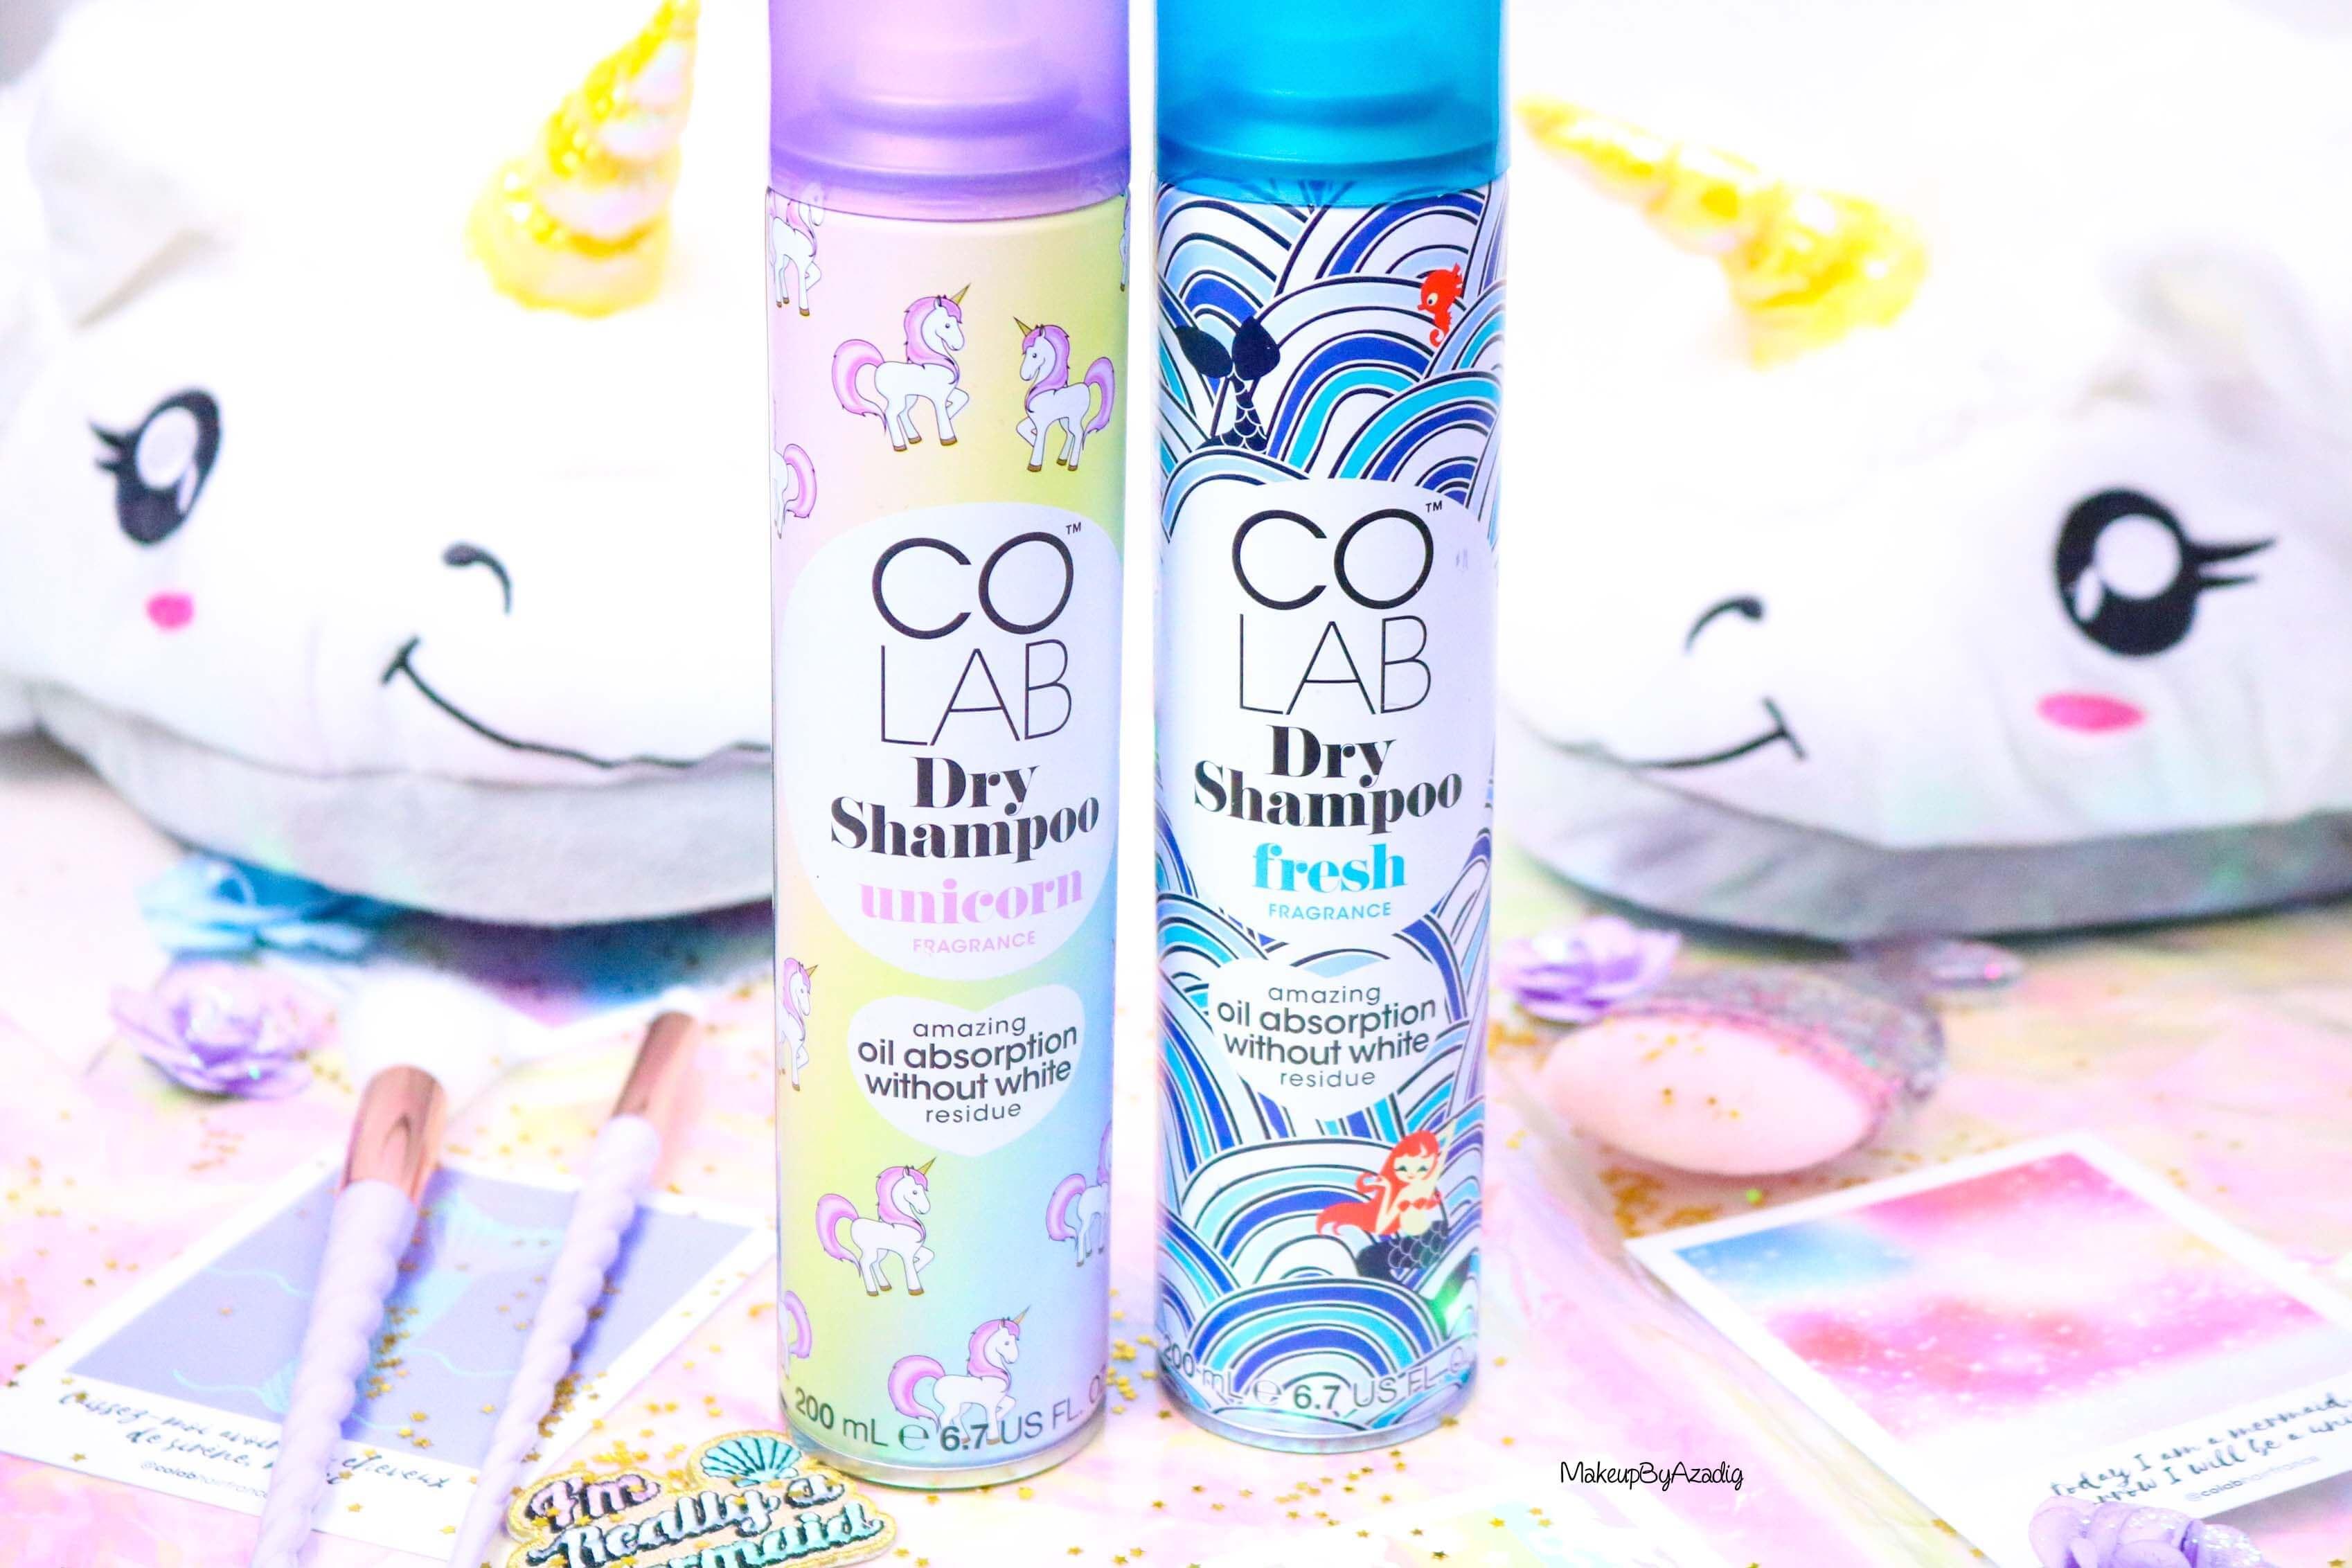 Les shampoings secs de COLAB.